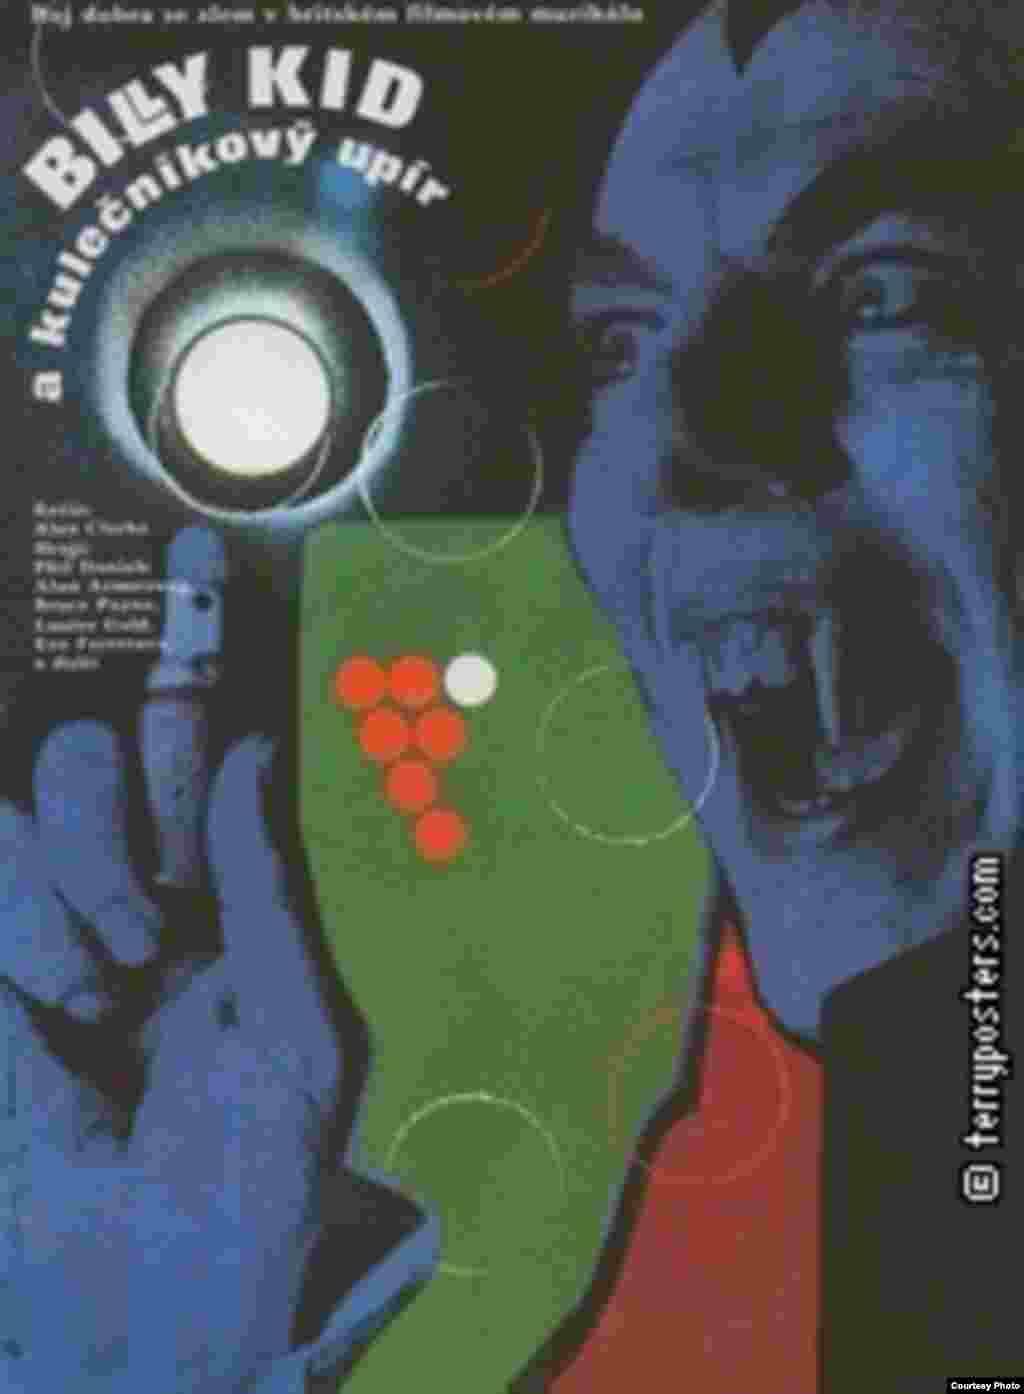 Billy The Kid and the Green Baize Vampire, UK, 1986, Věra Nováková, courtesy Terry Posters